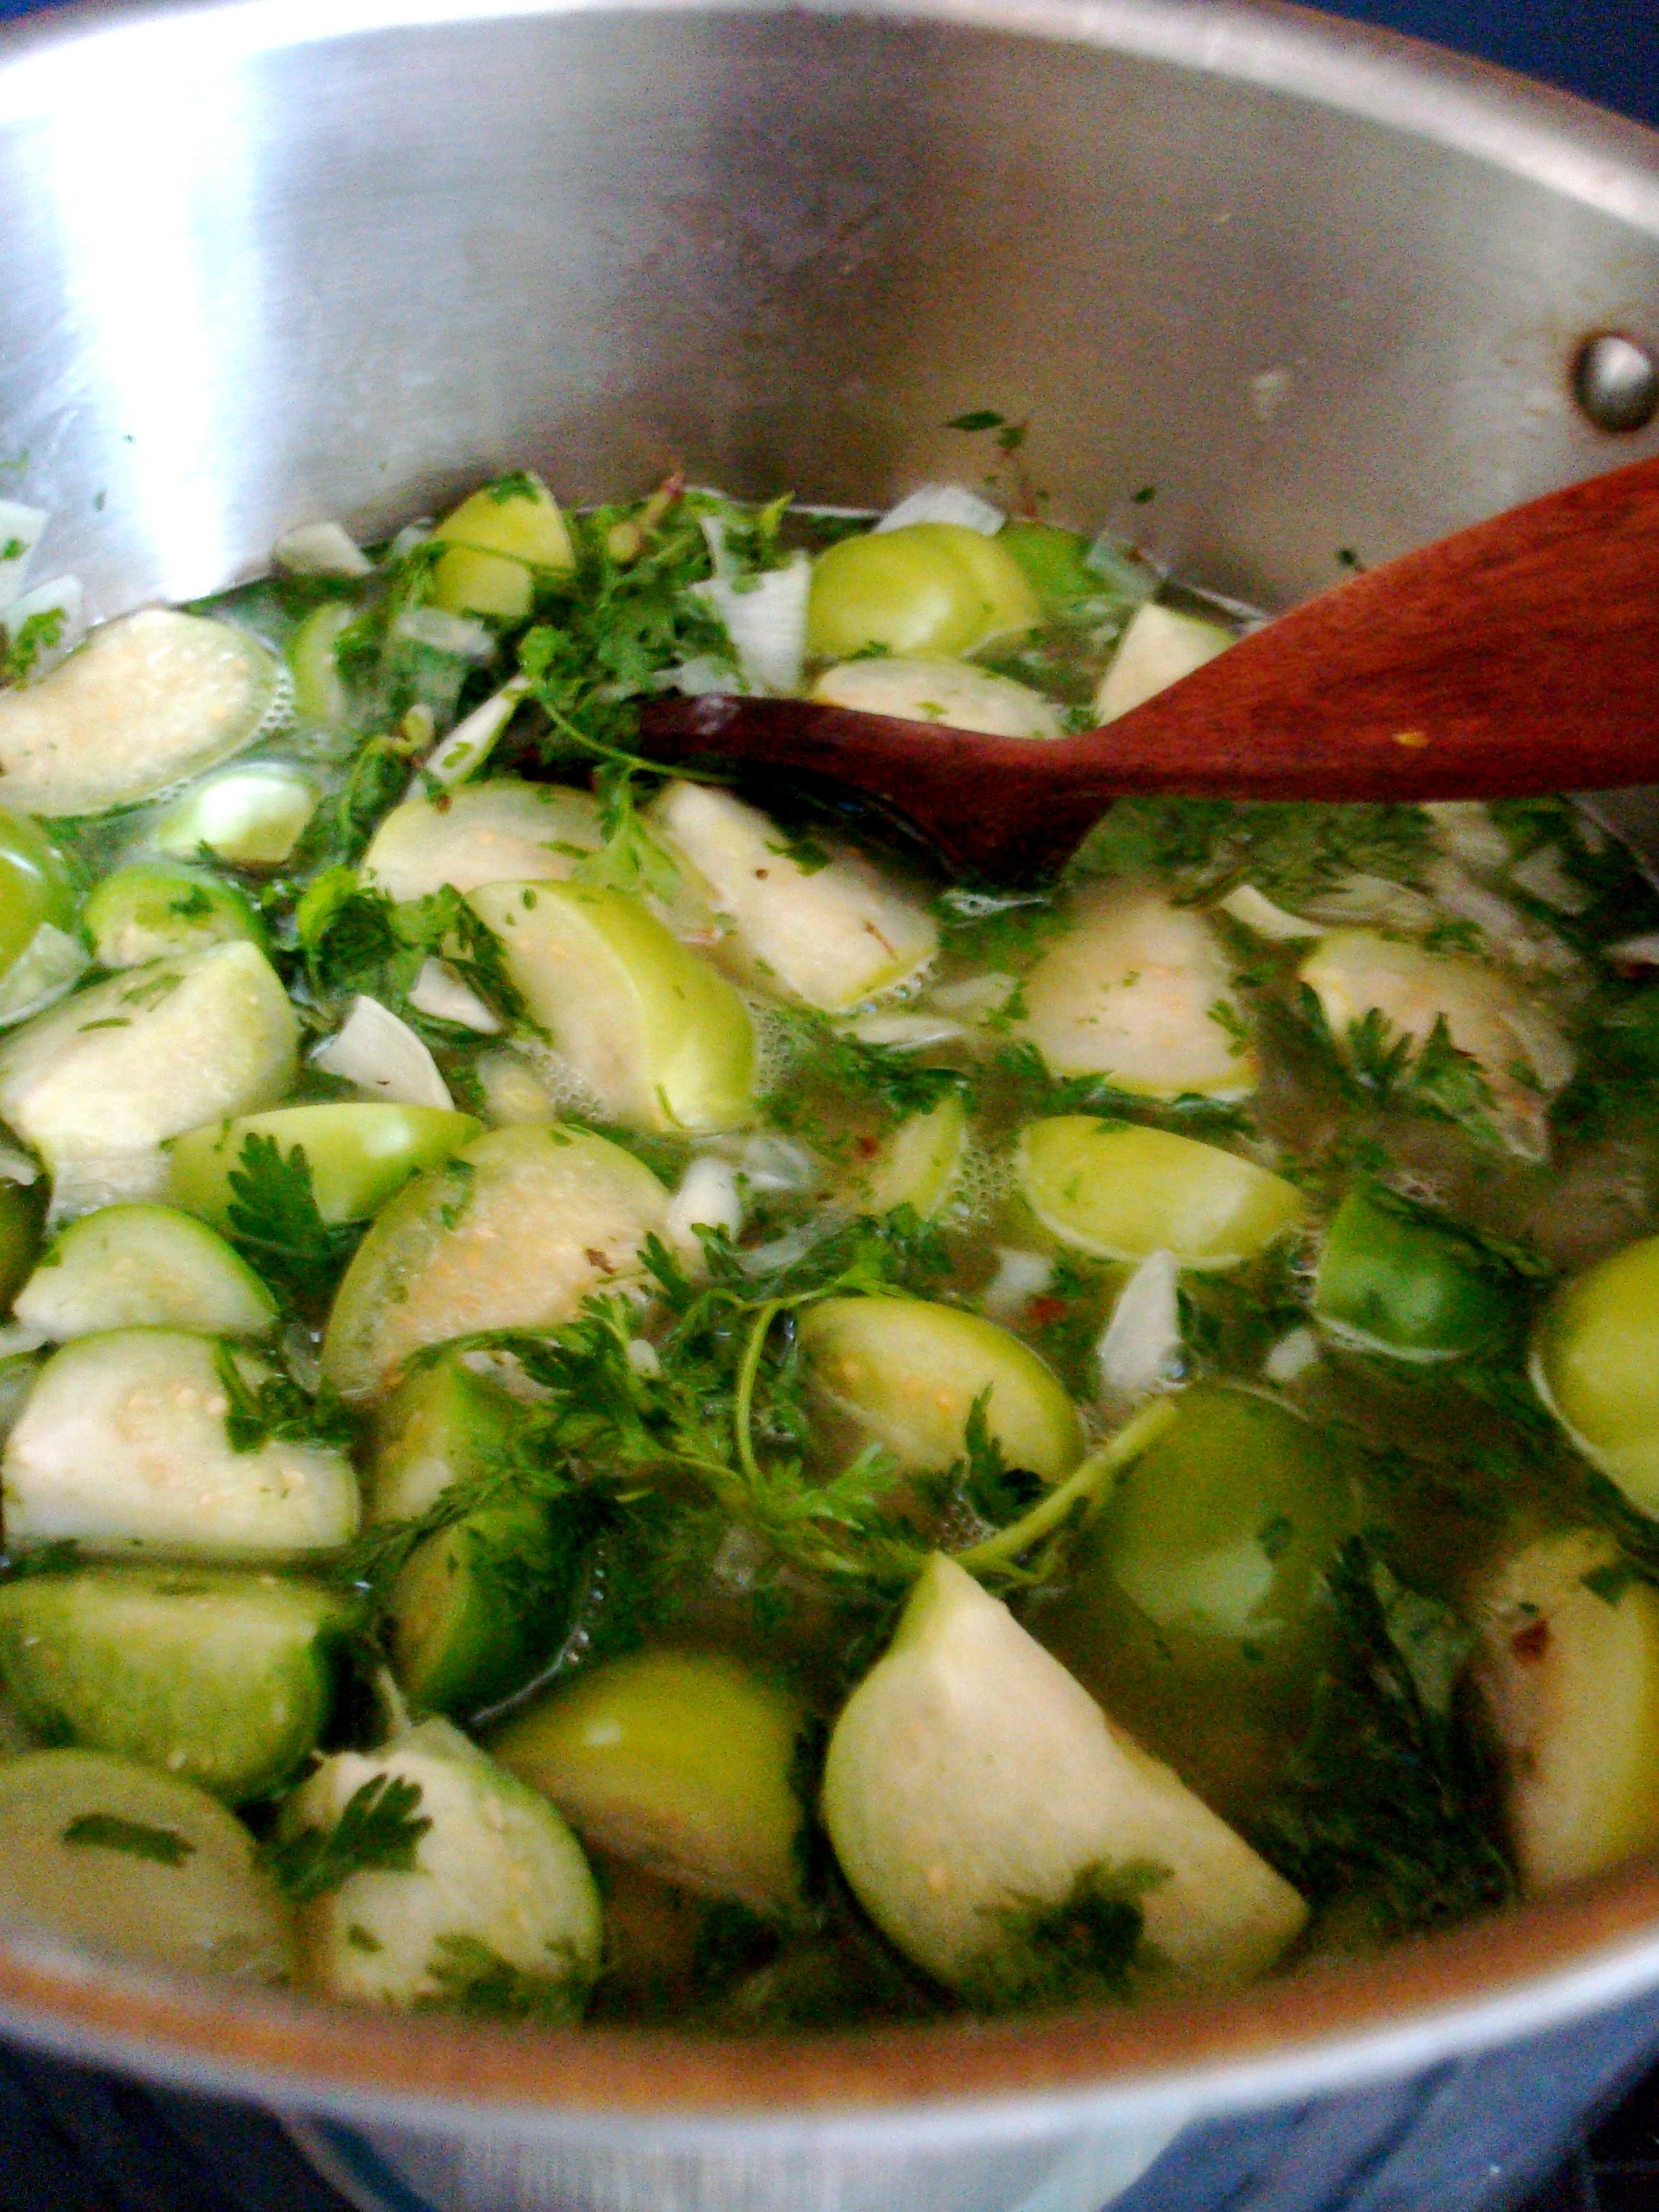 Tomatillos simmering into salsa verde.